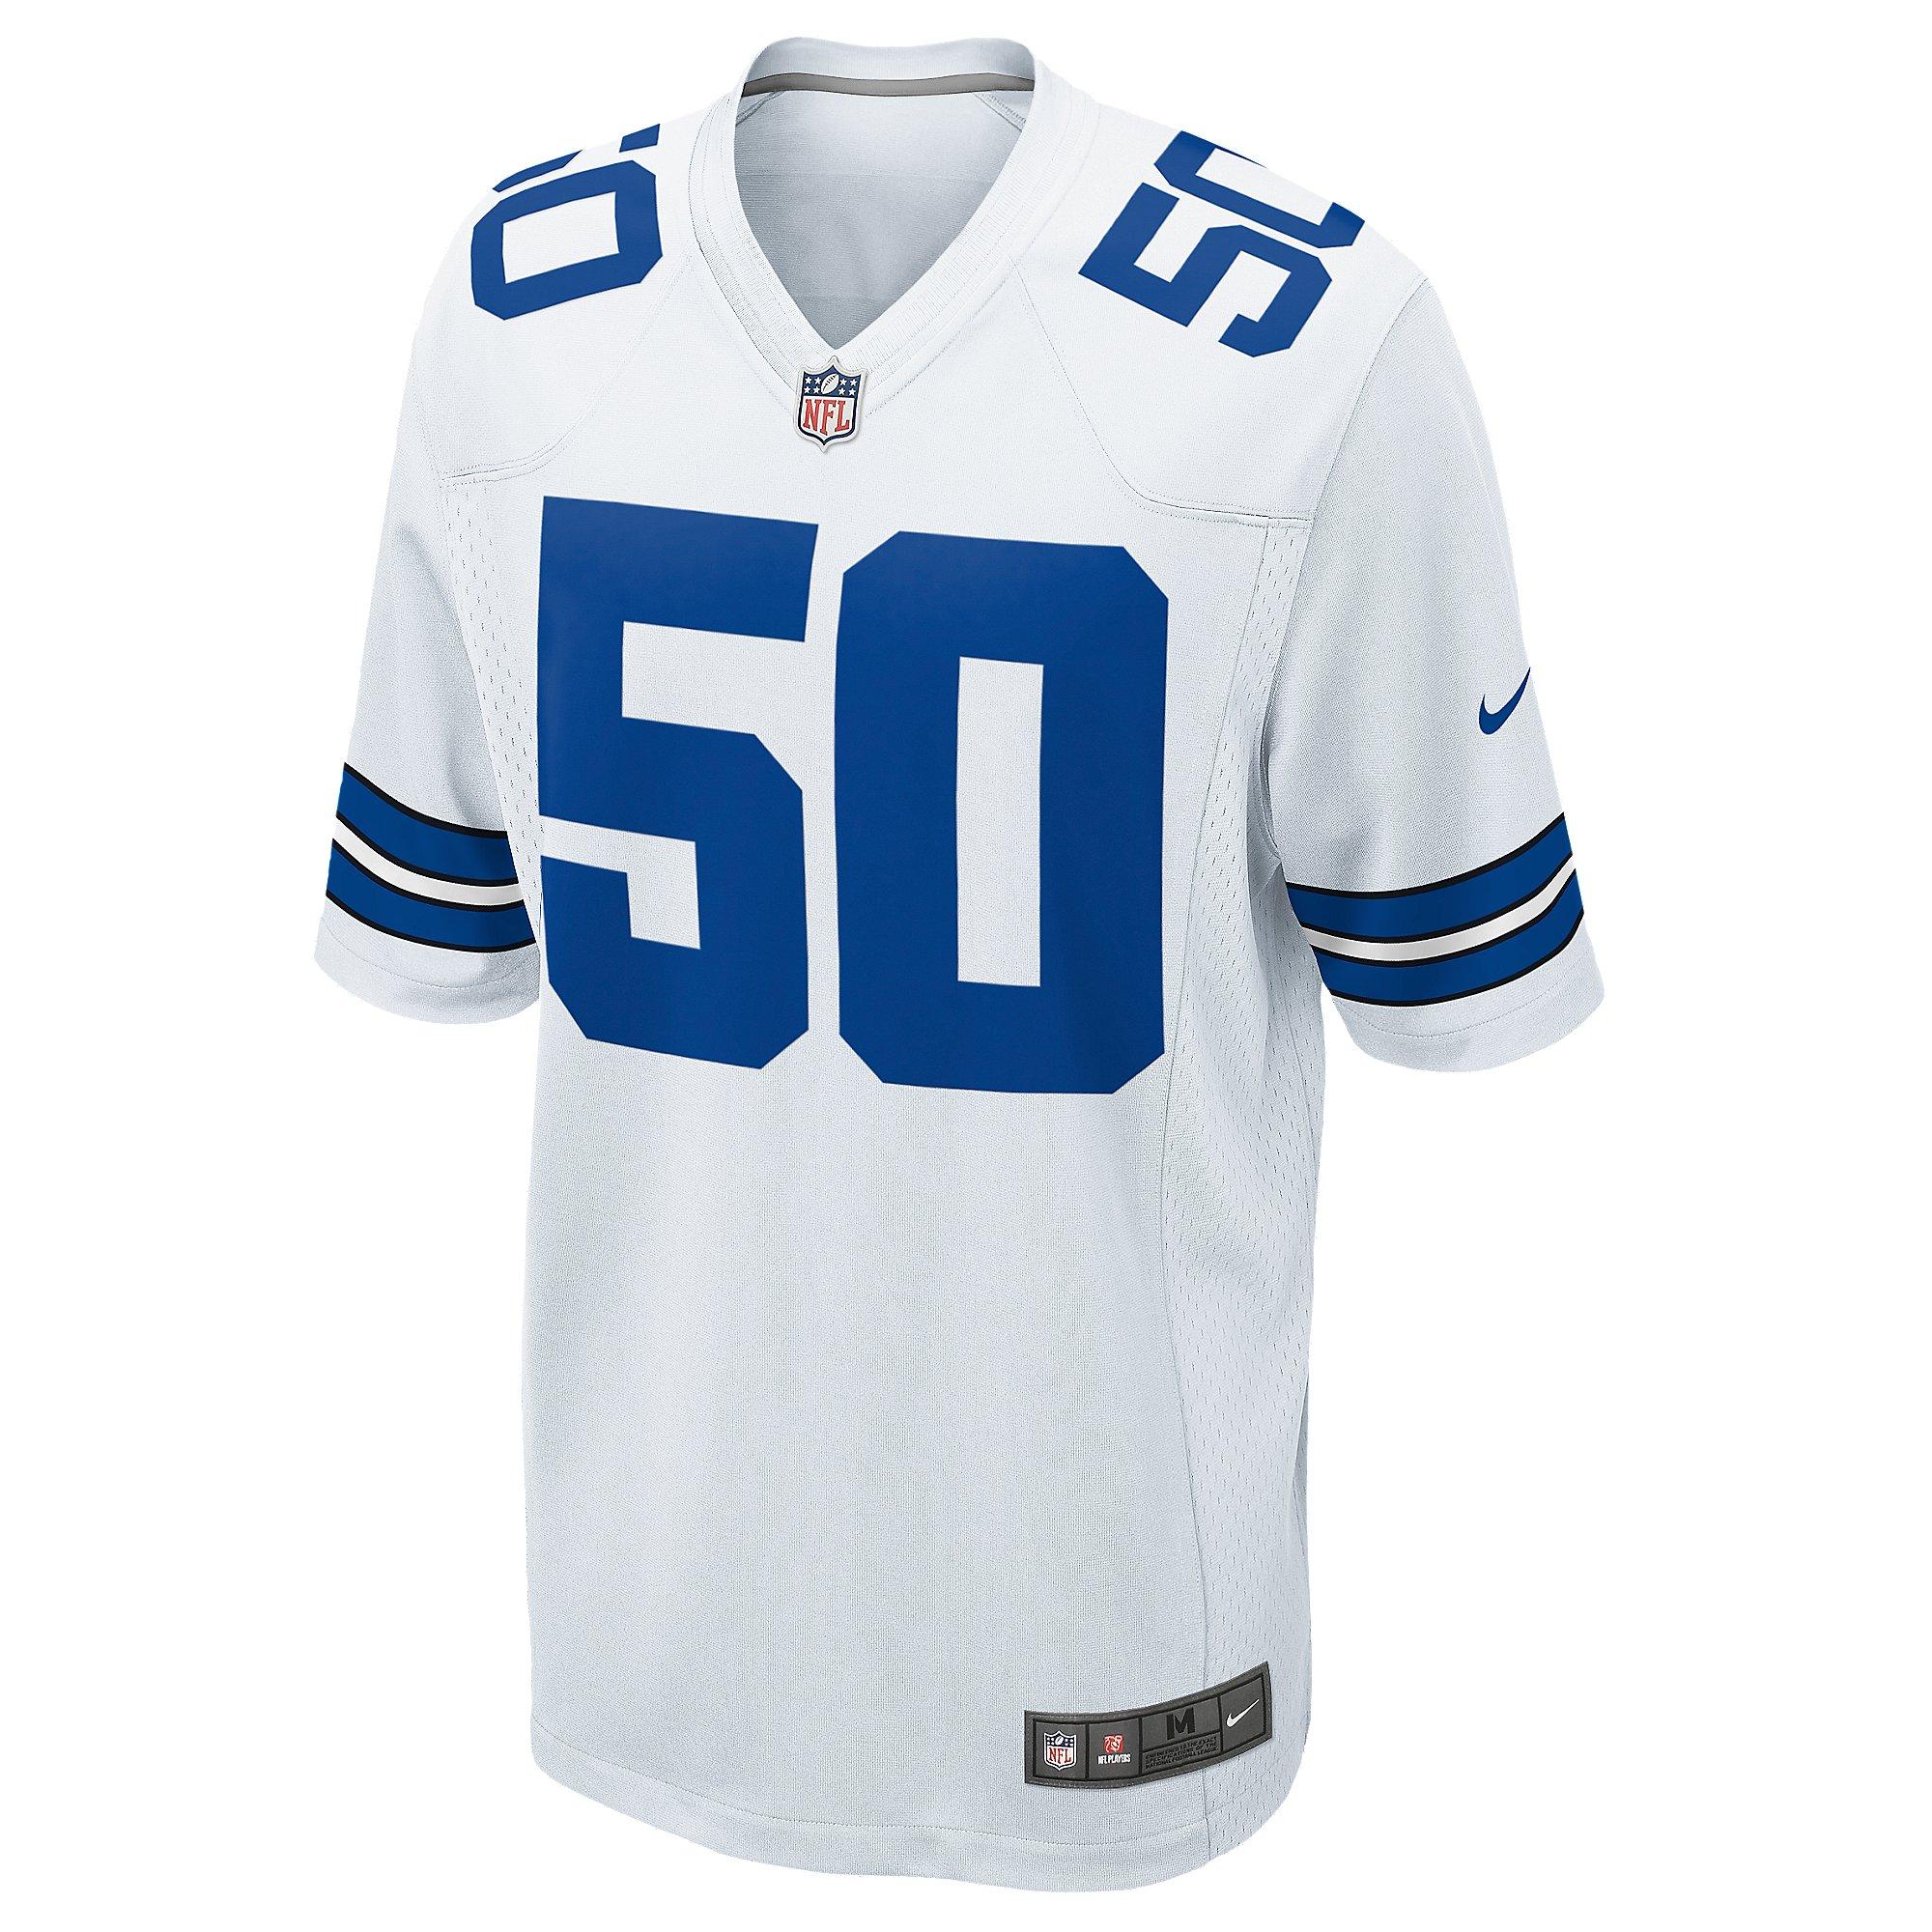 Dallas Cowboys Sean Lee #50 Nike White Game Replica Jersey 3XL-4XL ...